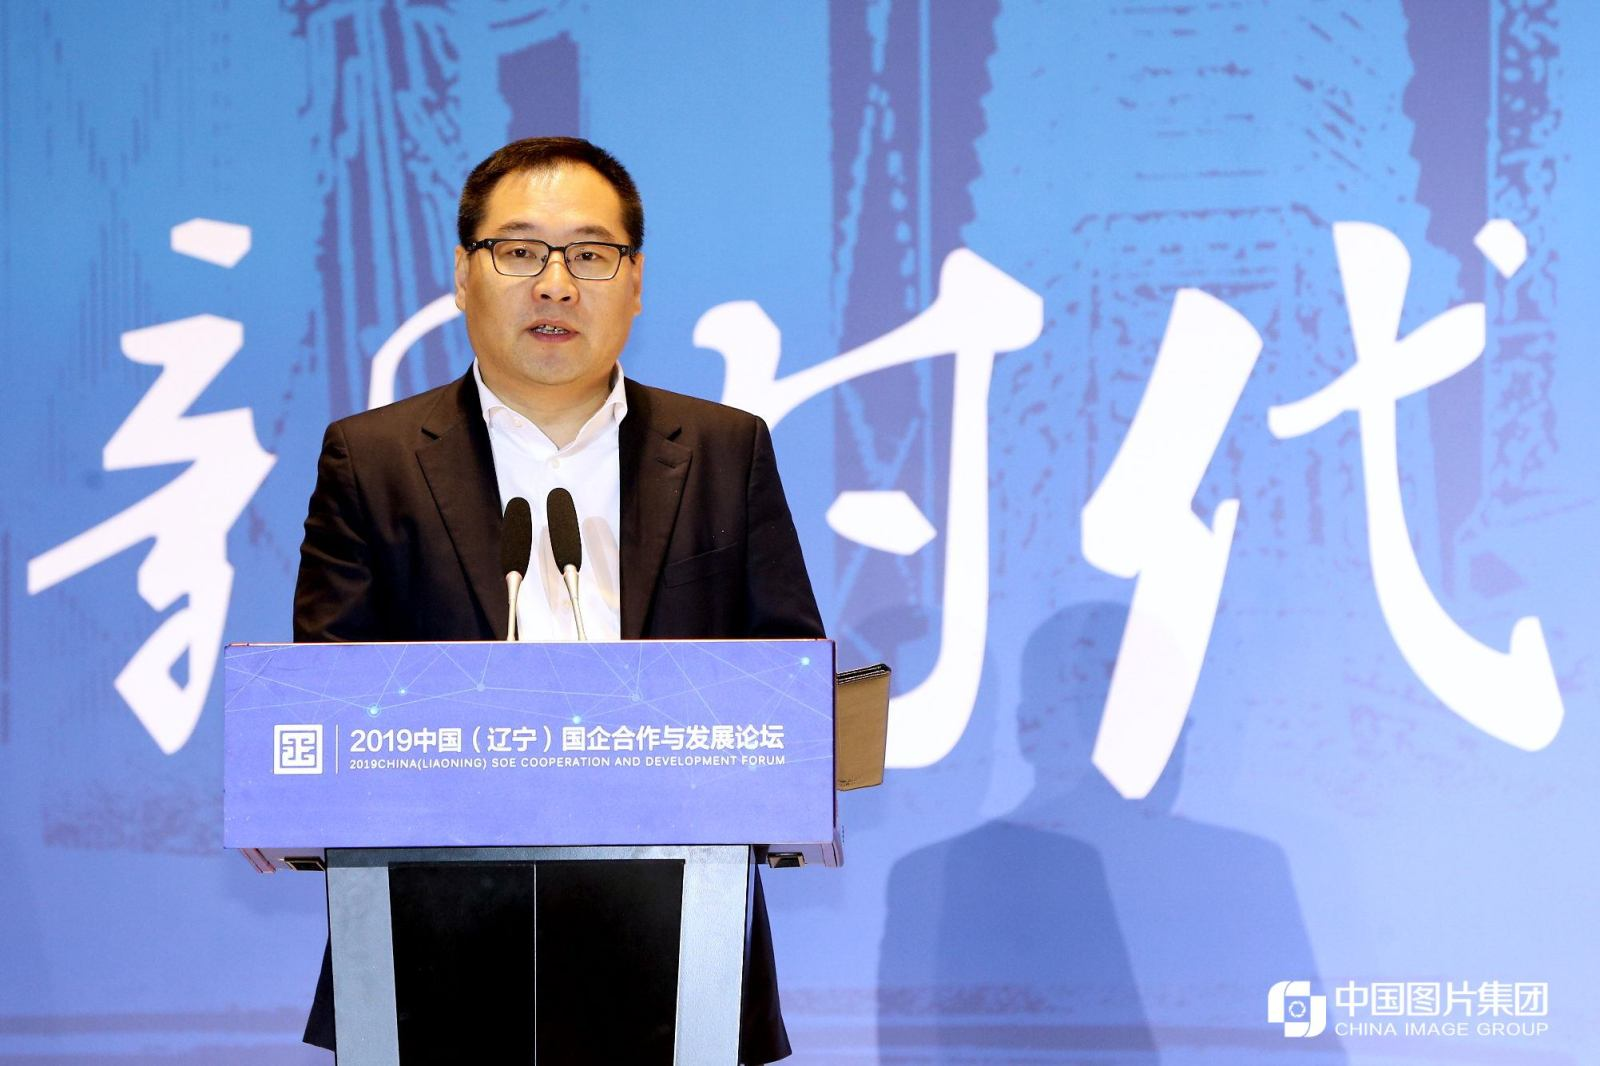 中俄地区合作发展投资基金董事长王峰进行主题演讲。